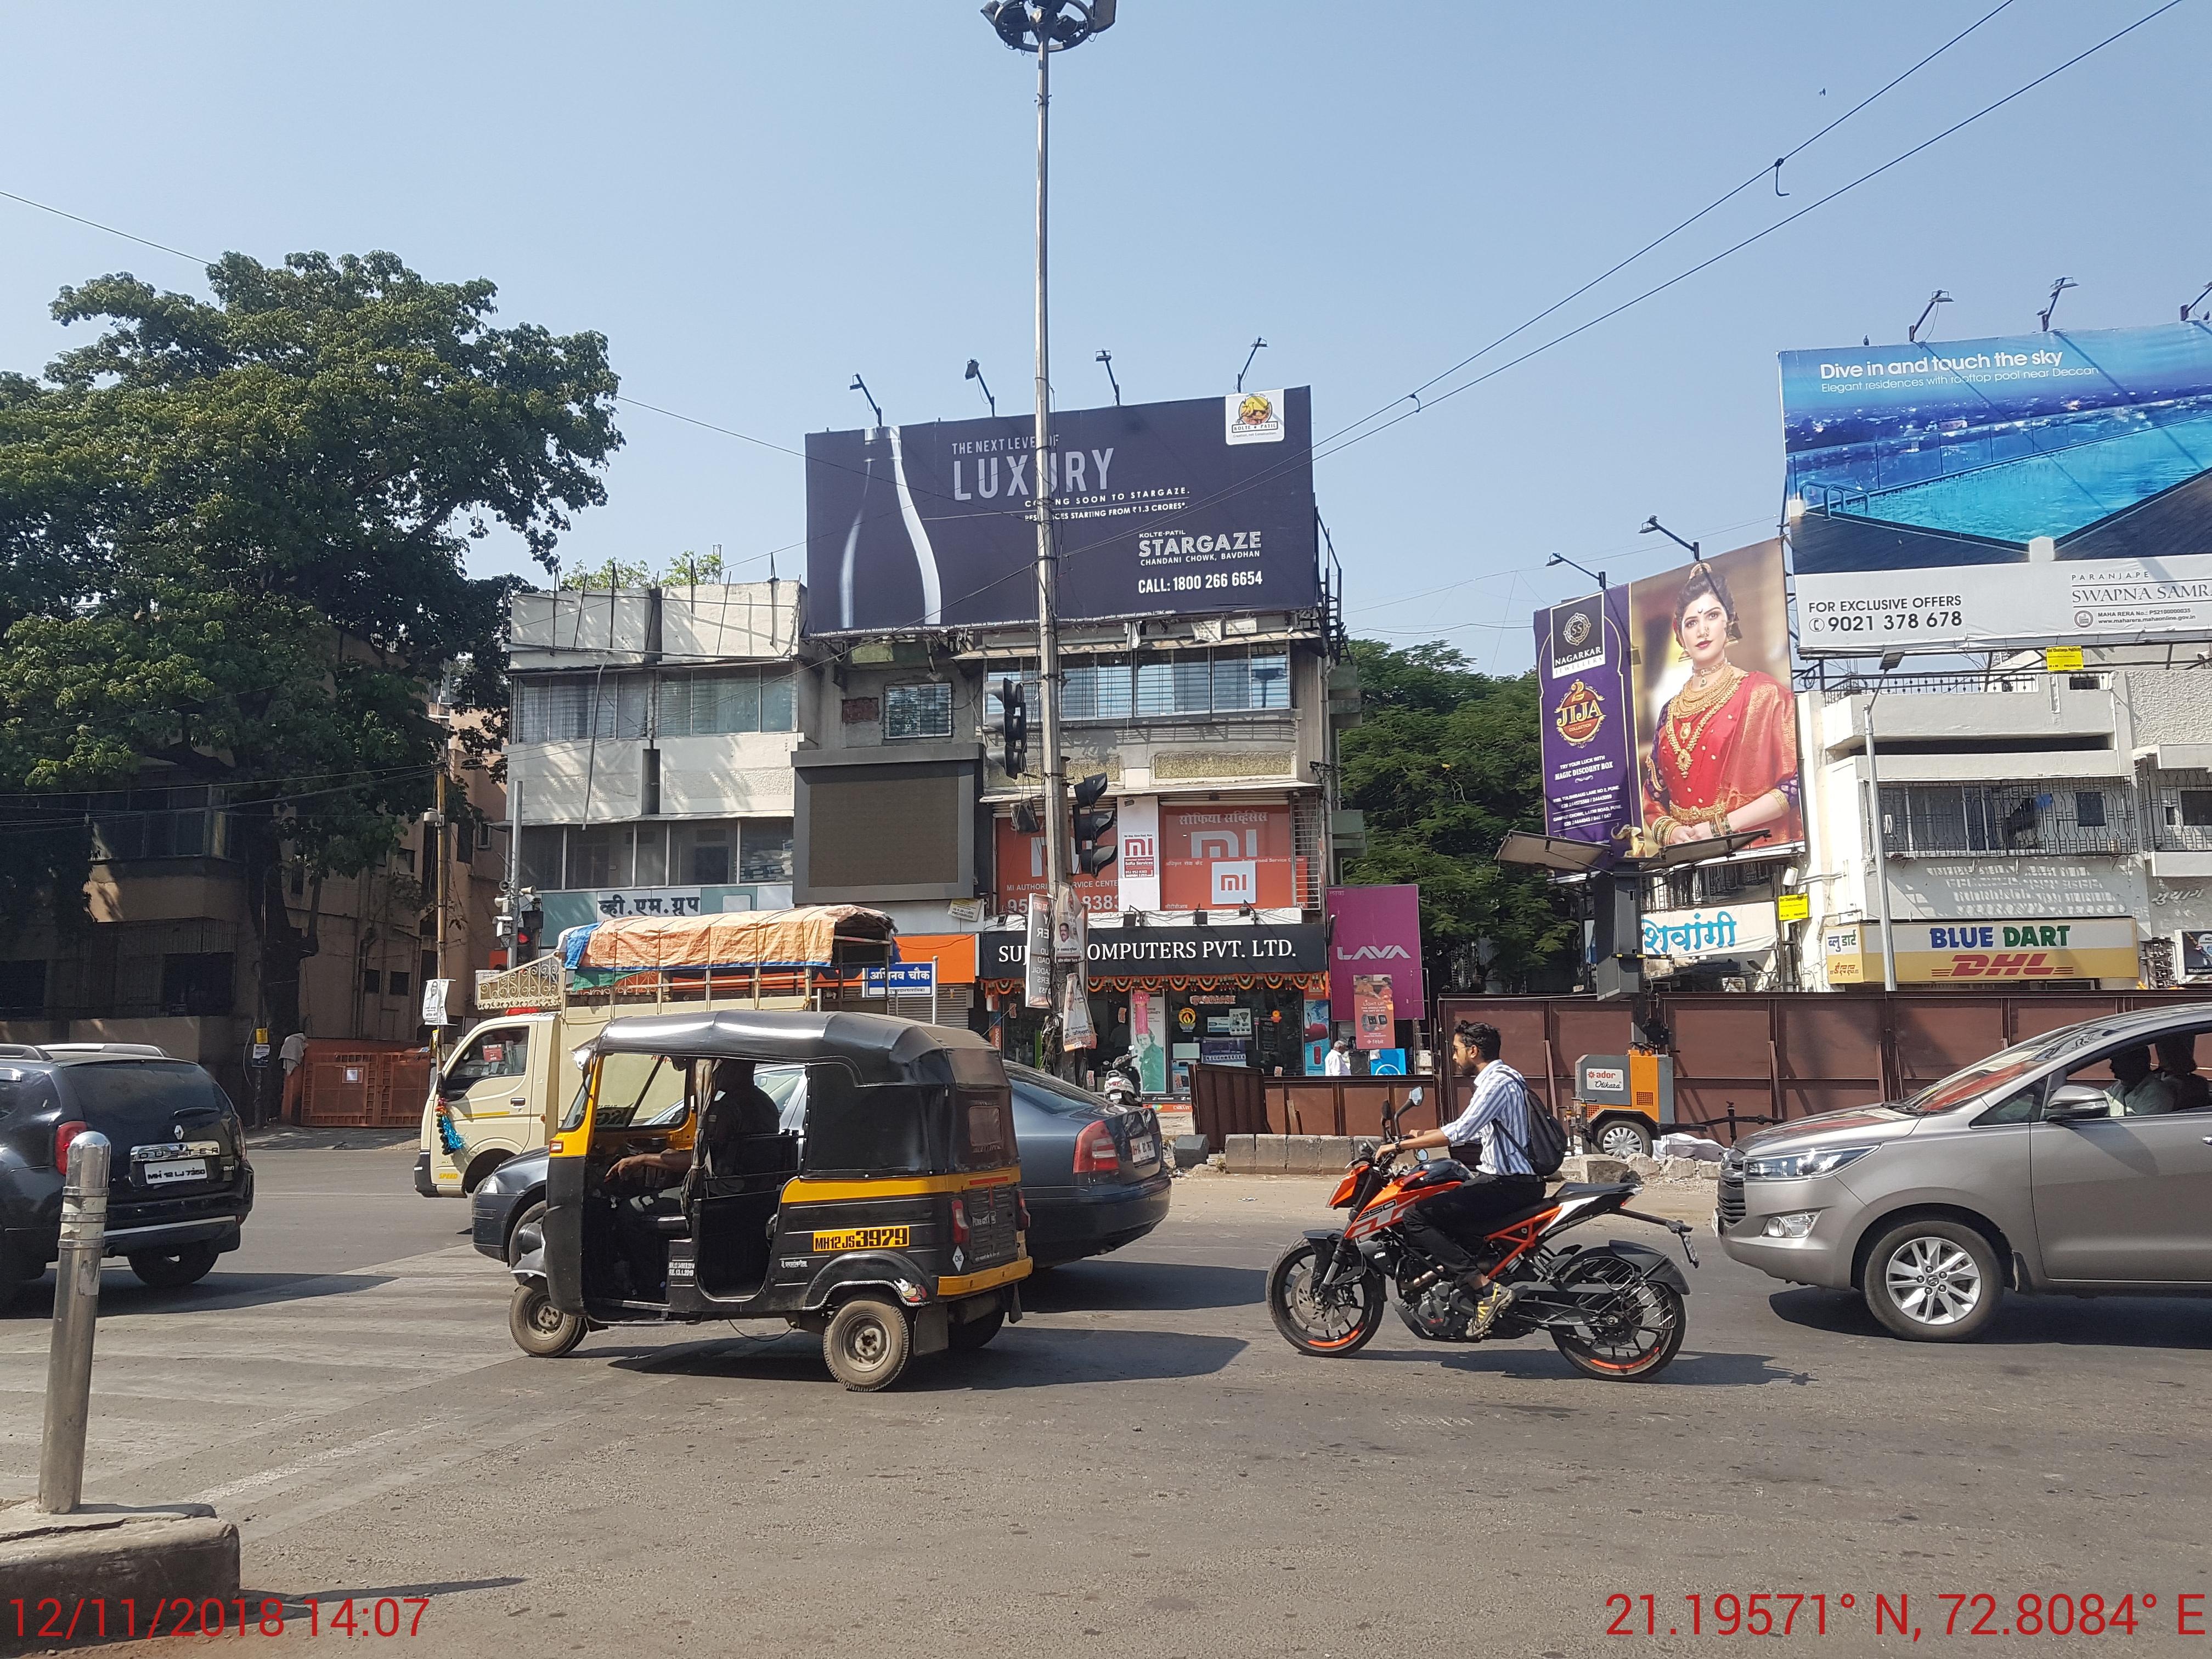 Mi Xiaomi Authorised Service Center Abv Sujata in Pune